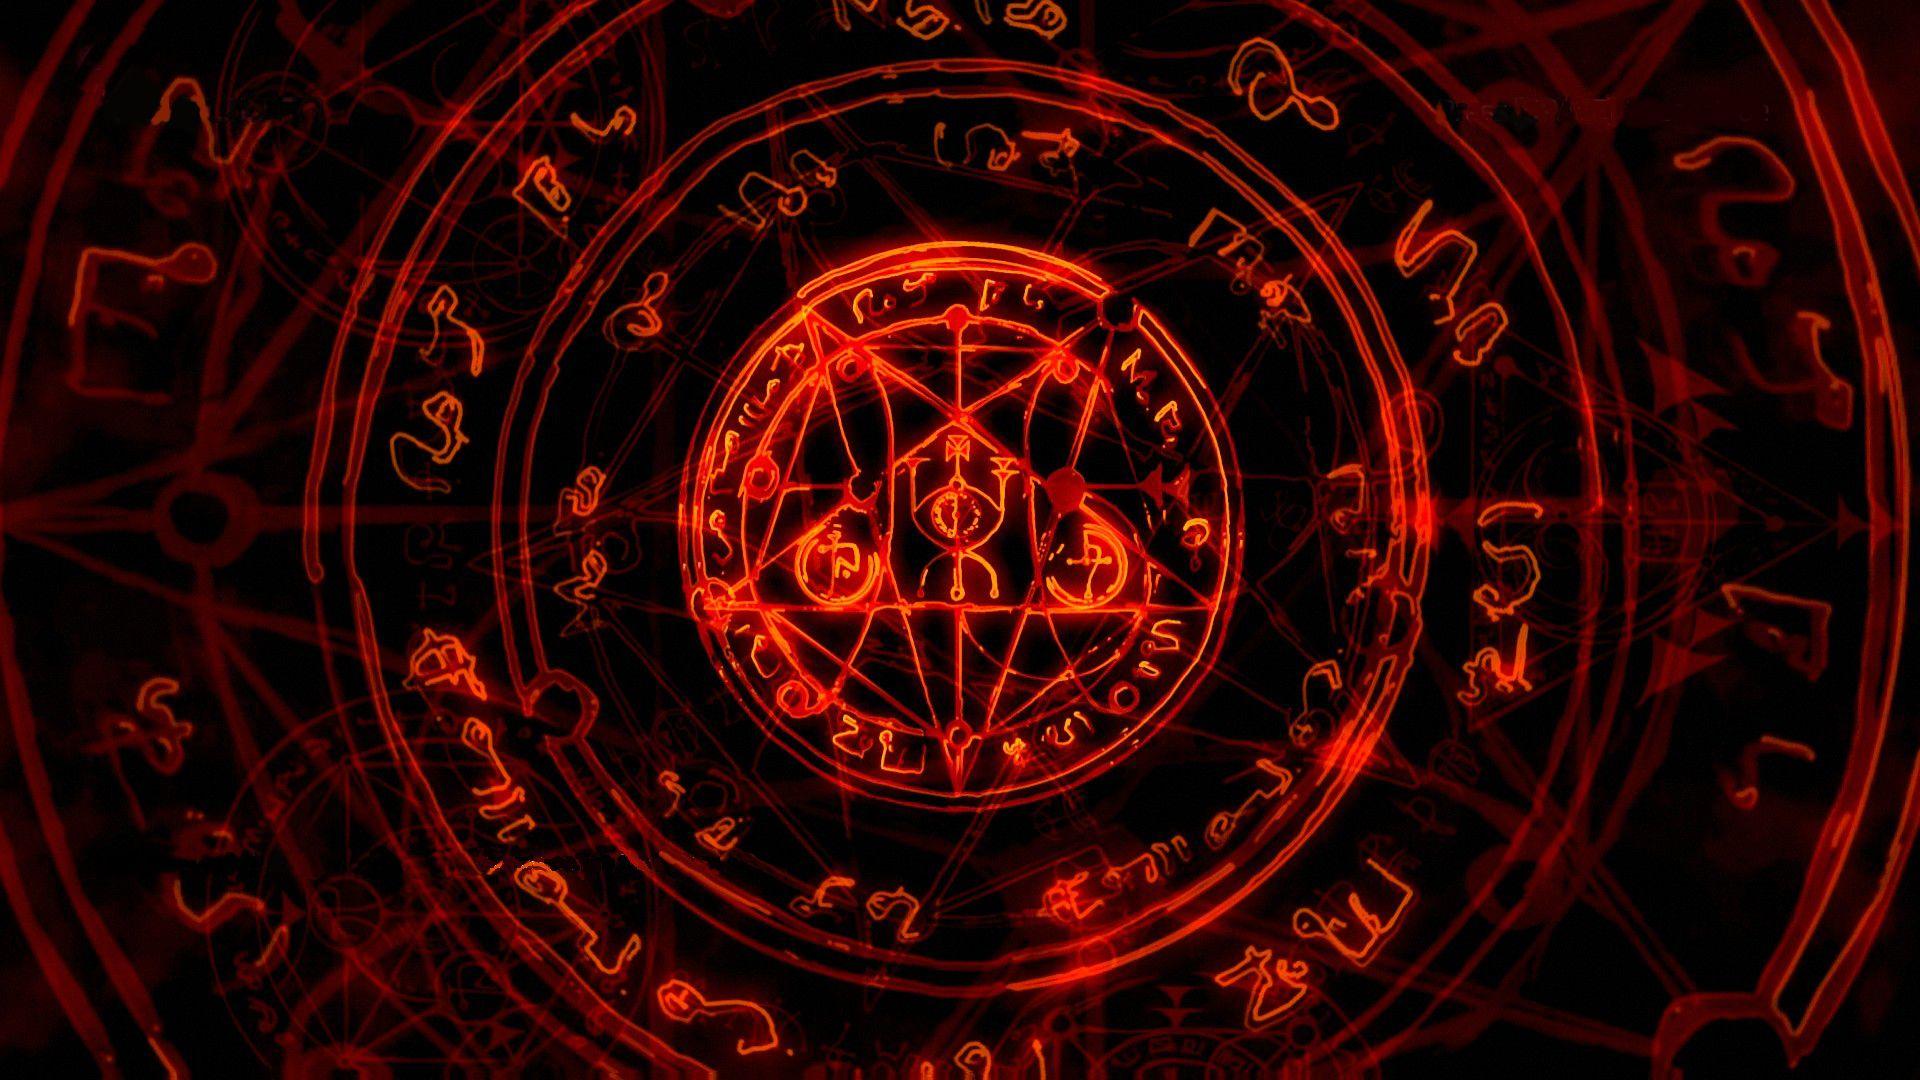 Doom 3 Pentagram Tattoo